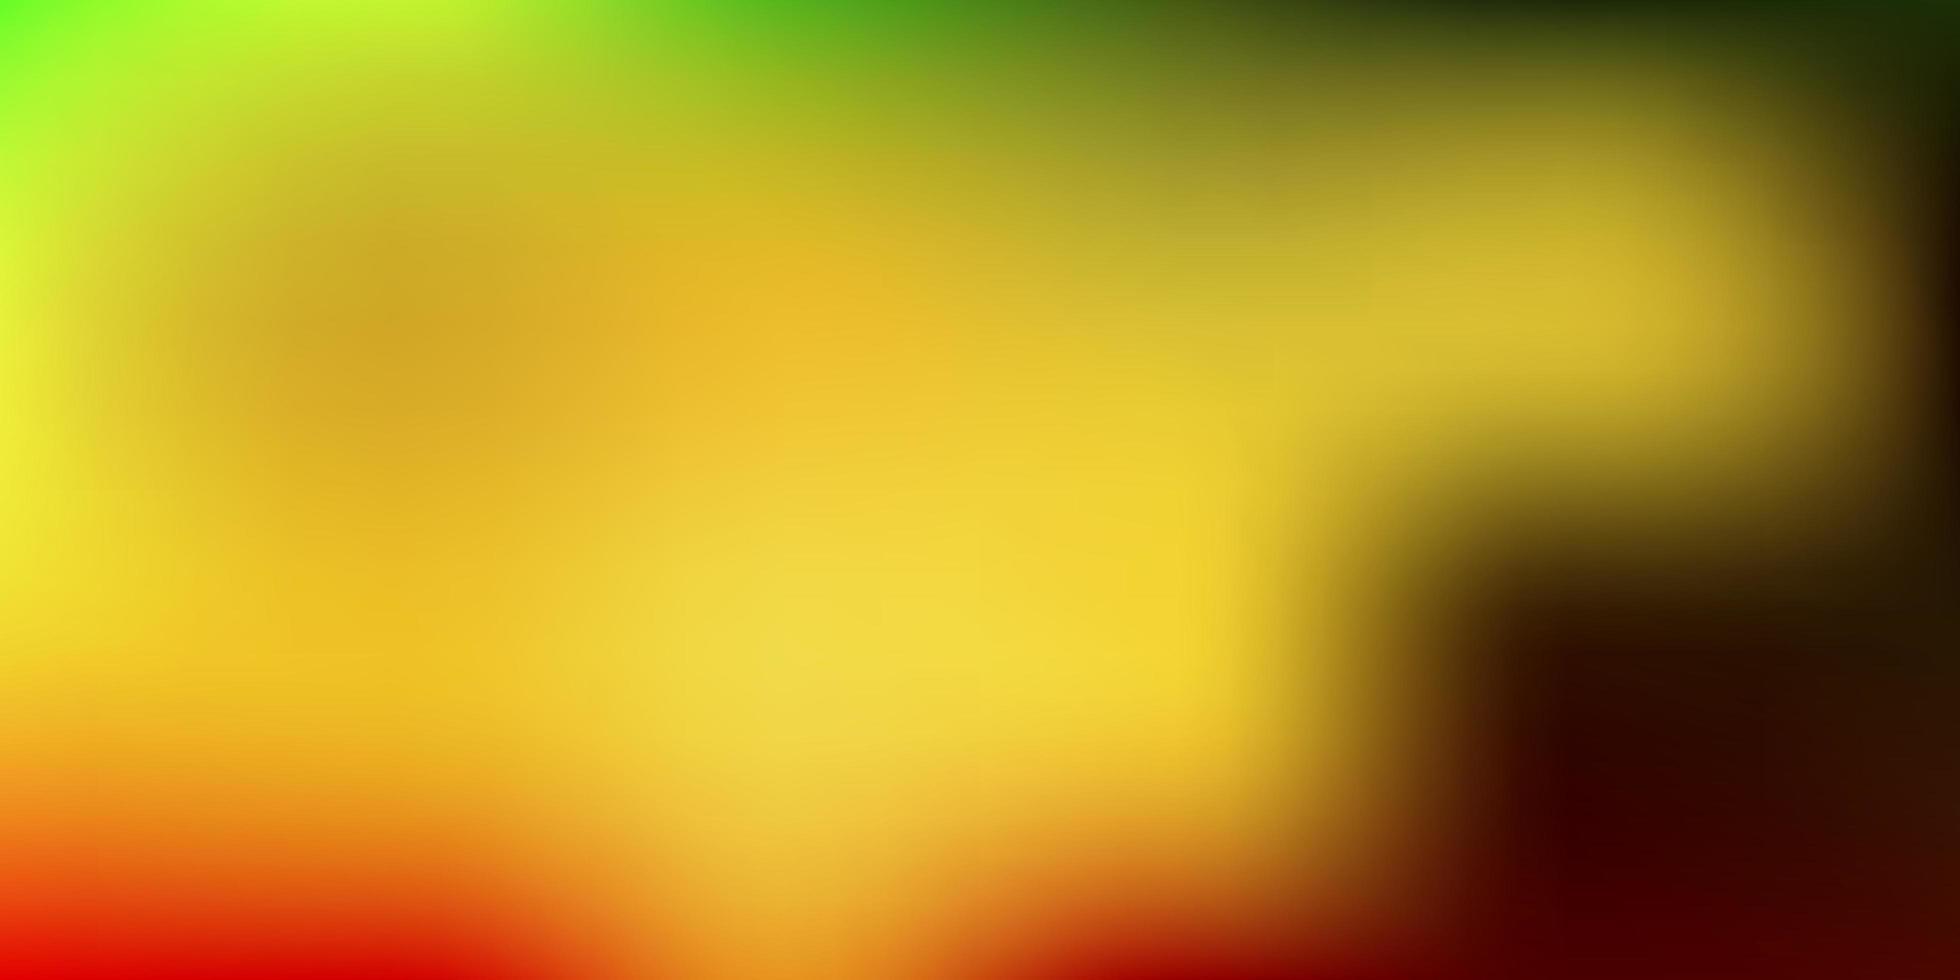 desenho de borrão de gradiente de vetor verde e amarelo escuro.